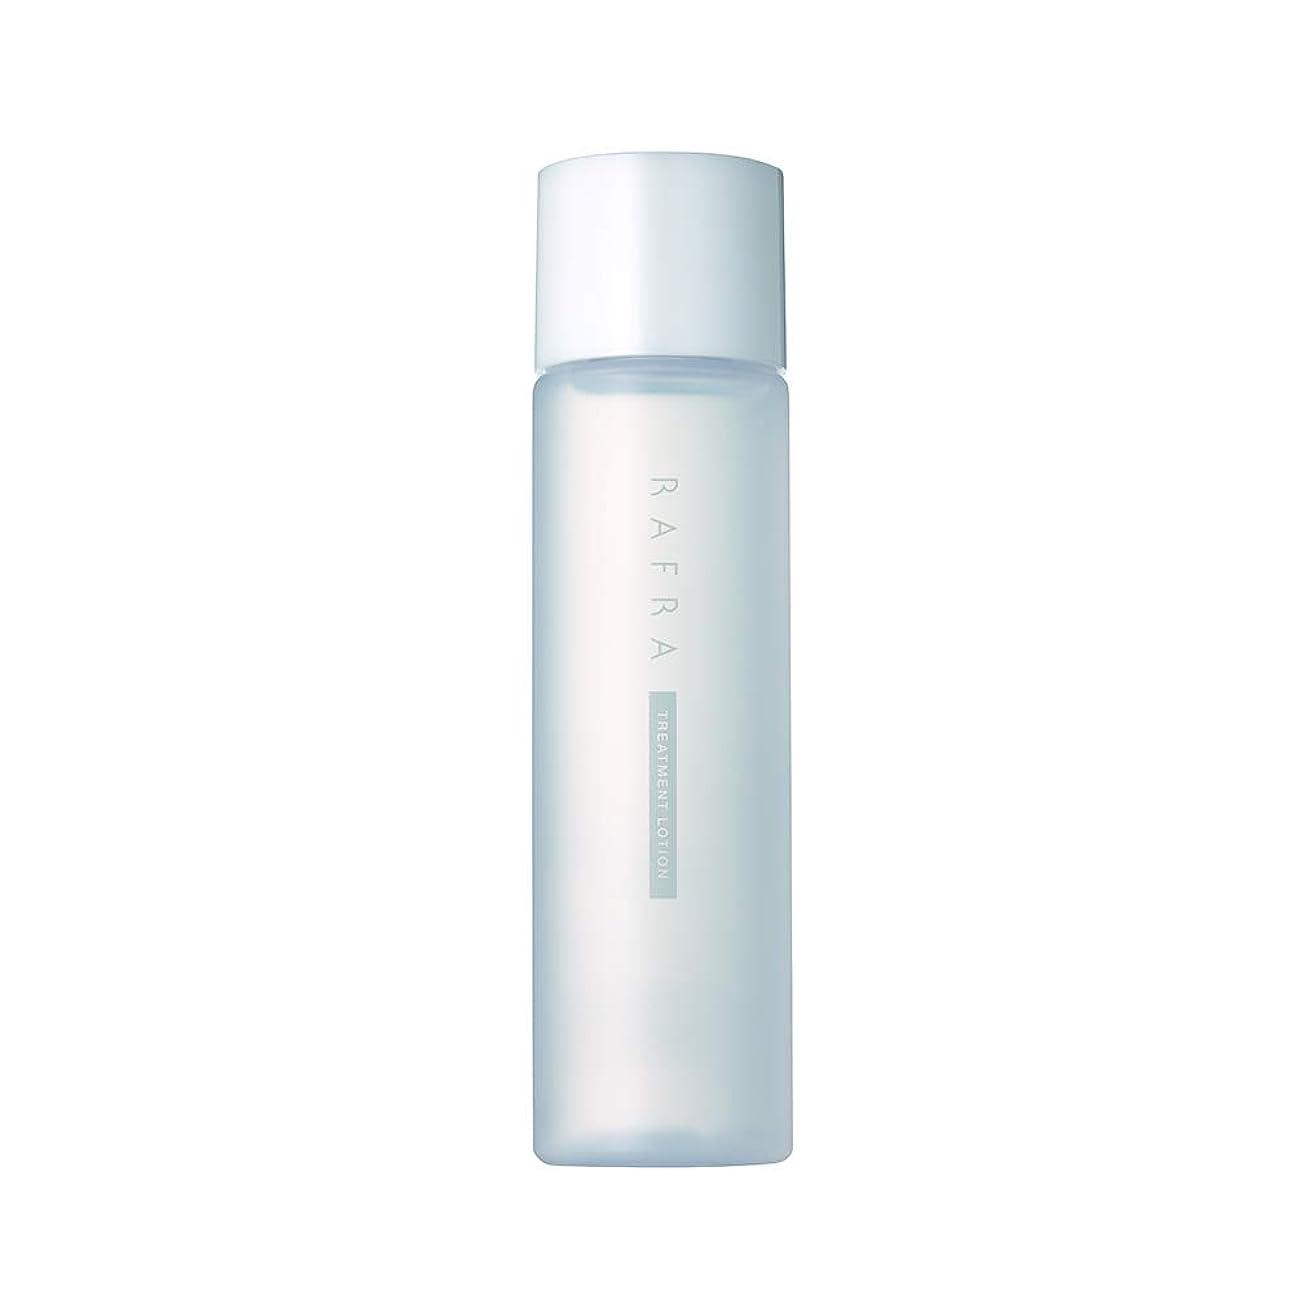 結紮のぞき見告白ラフラ トリートメントローション 150ml 化粧水 ブースター 導入液